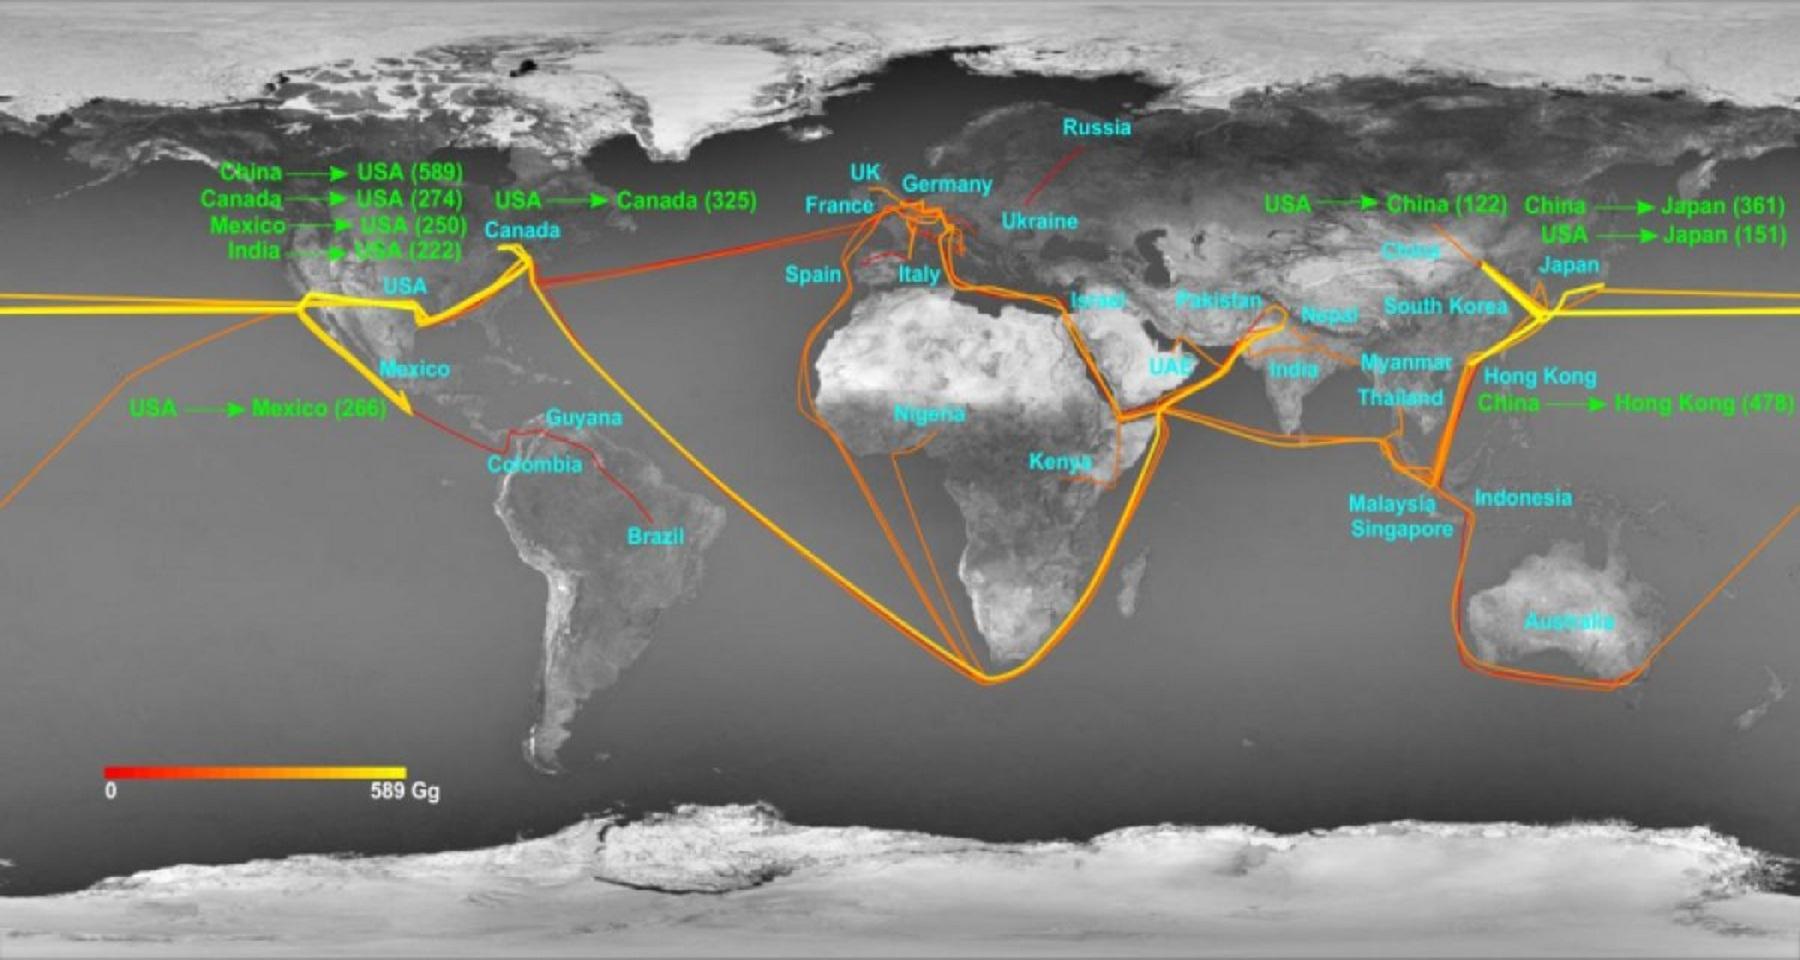 Rutas de intercambio de nitrógeno y su intensidad. Fuente: Universidad de Sídney.